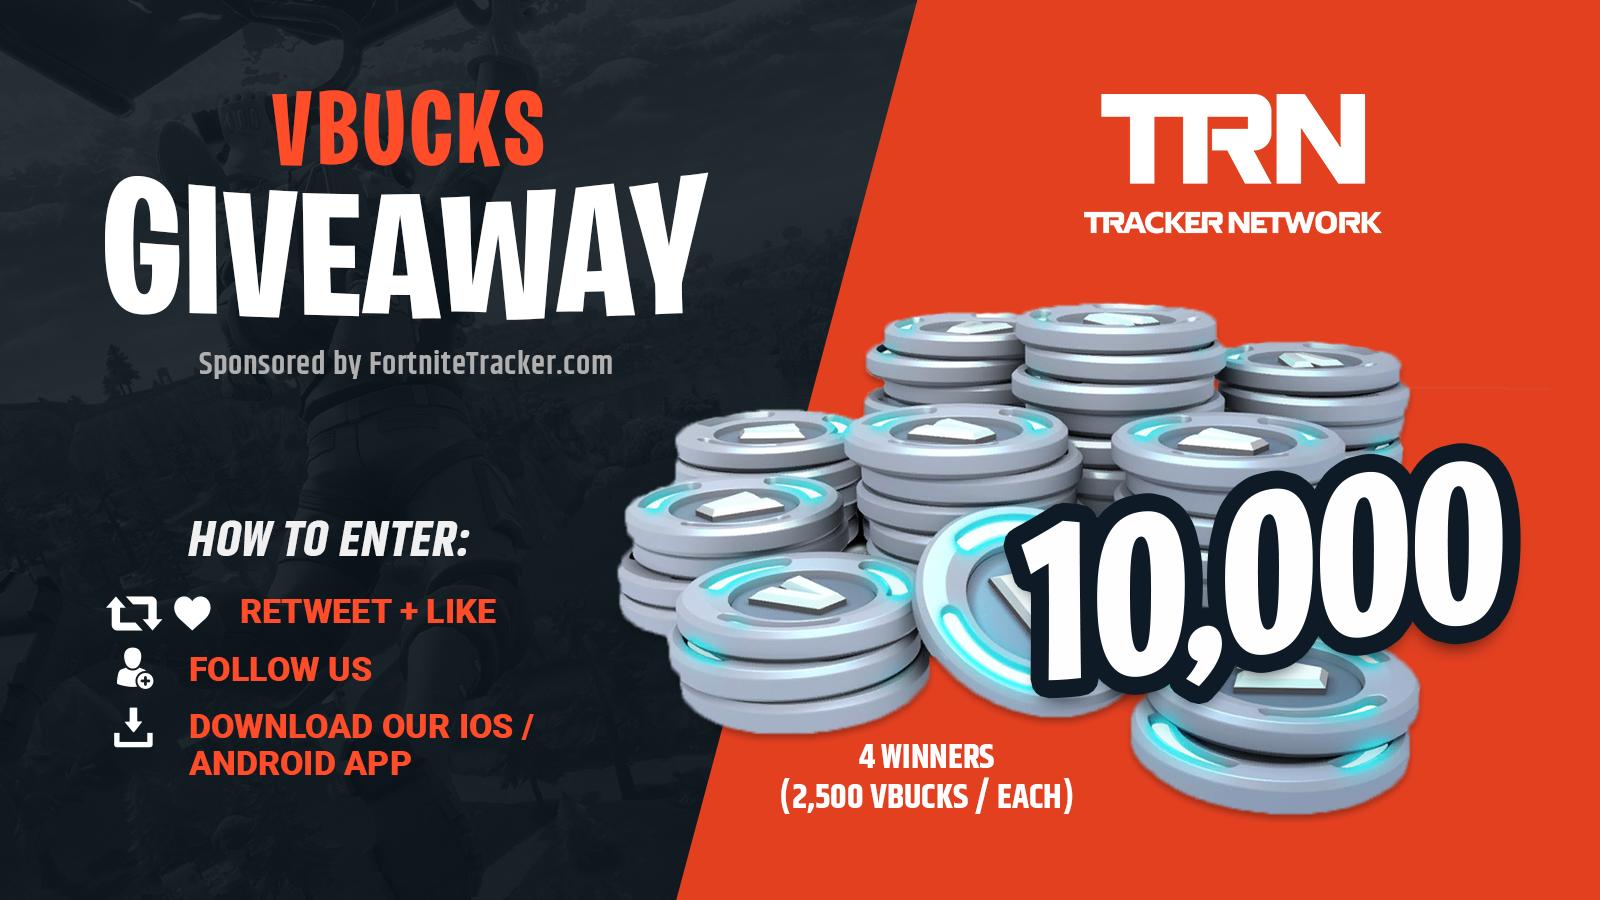 Fortnite V Bucks Trackers - Get Free V Bucks From Epic Games